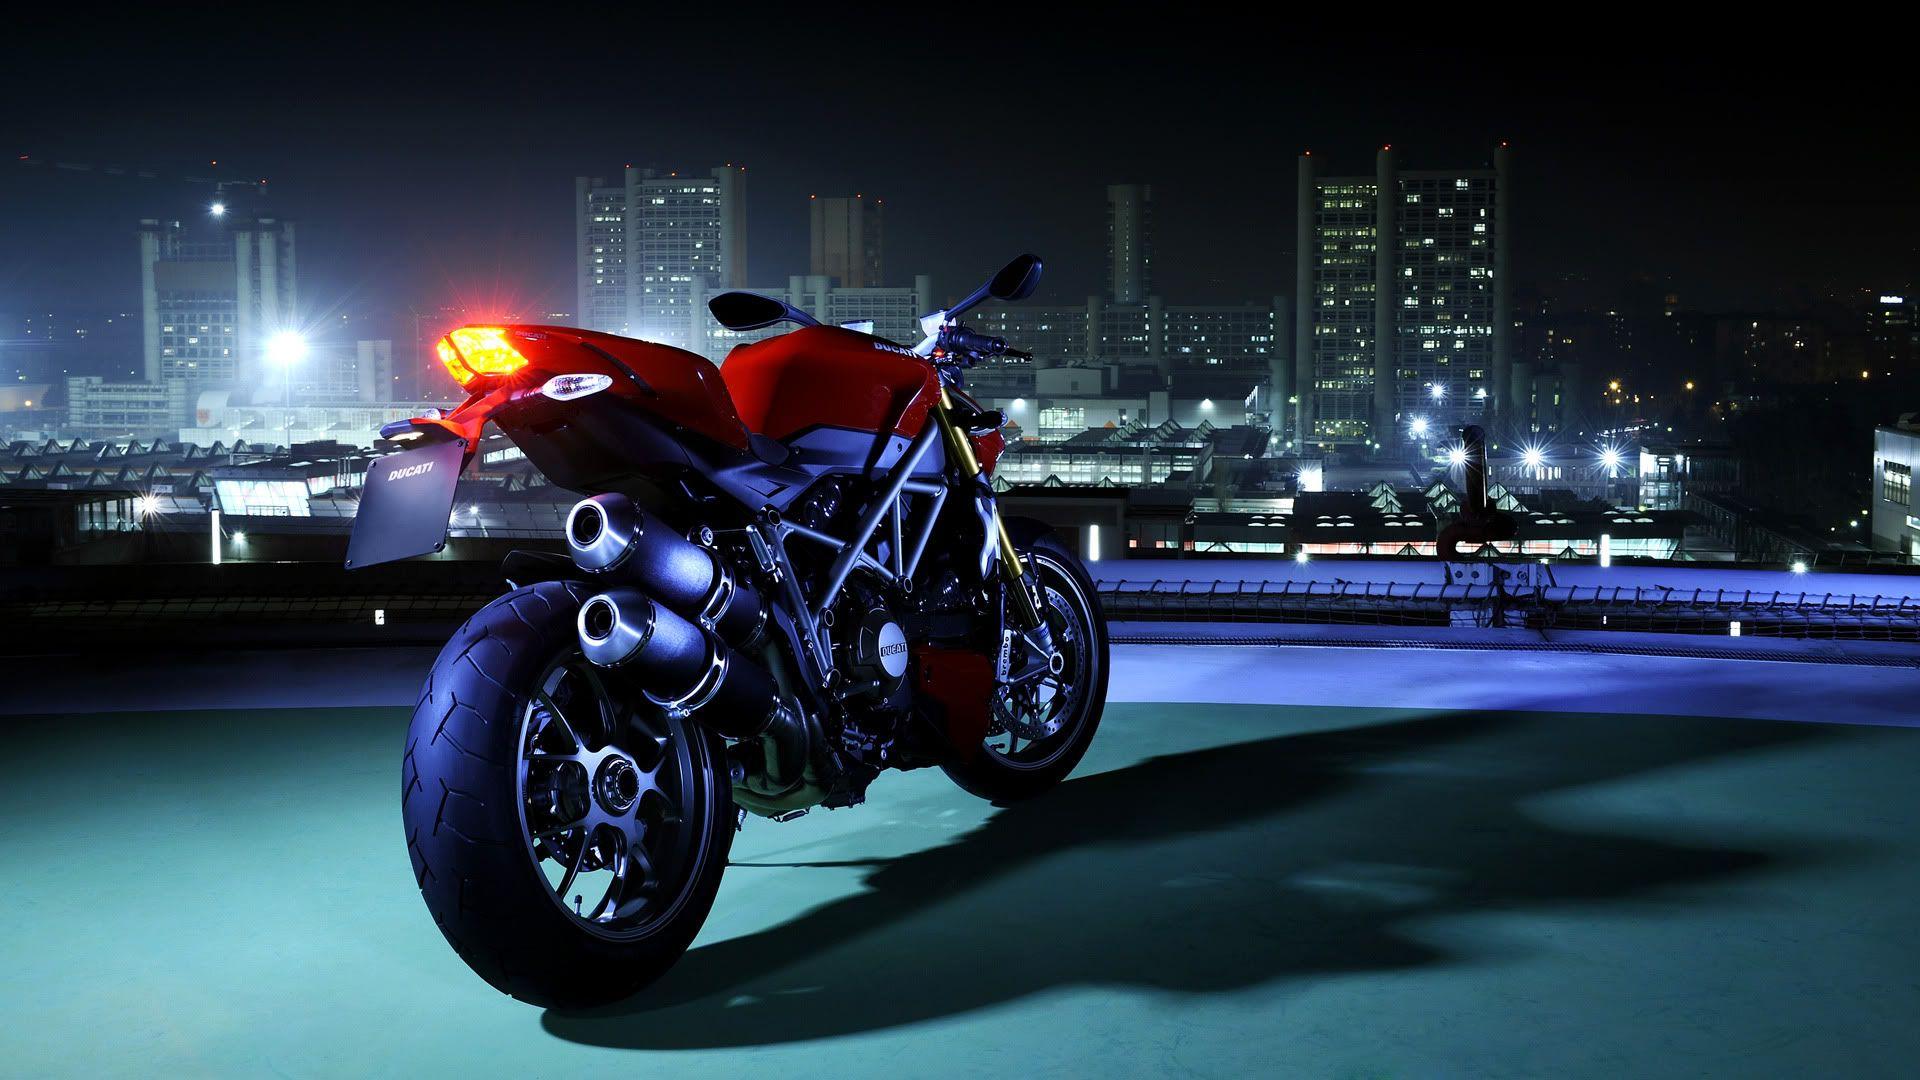 Ducati Best Hd Wallpaper Download